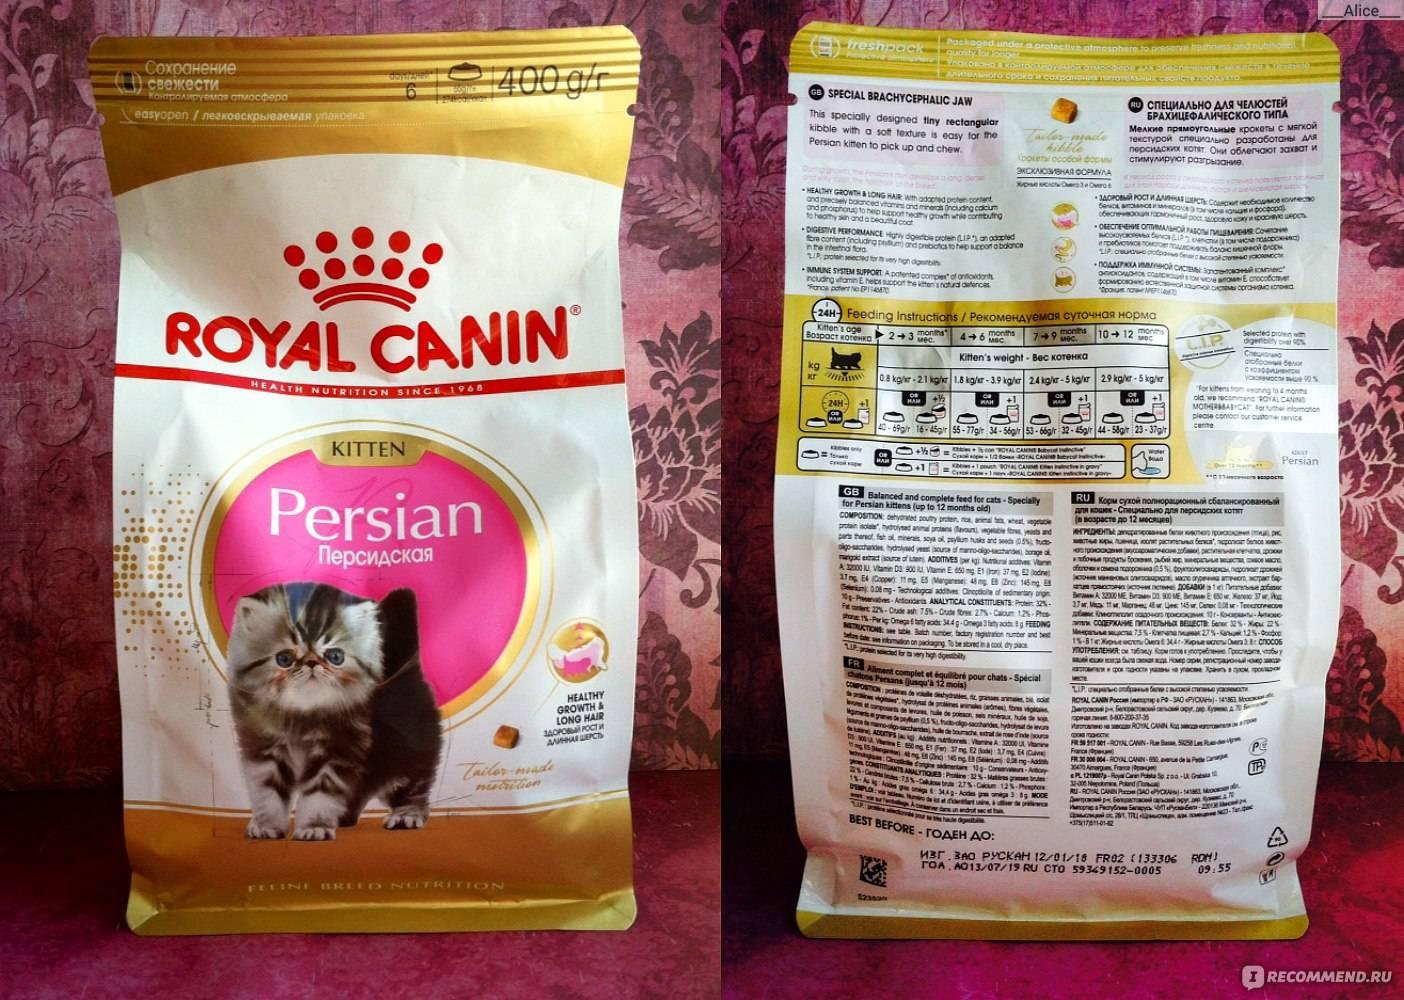 Корм для кошек royal canin - отзывы, обзор состава роял канин